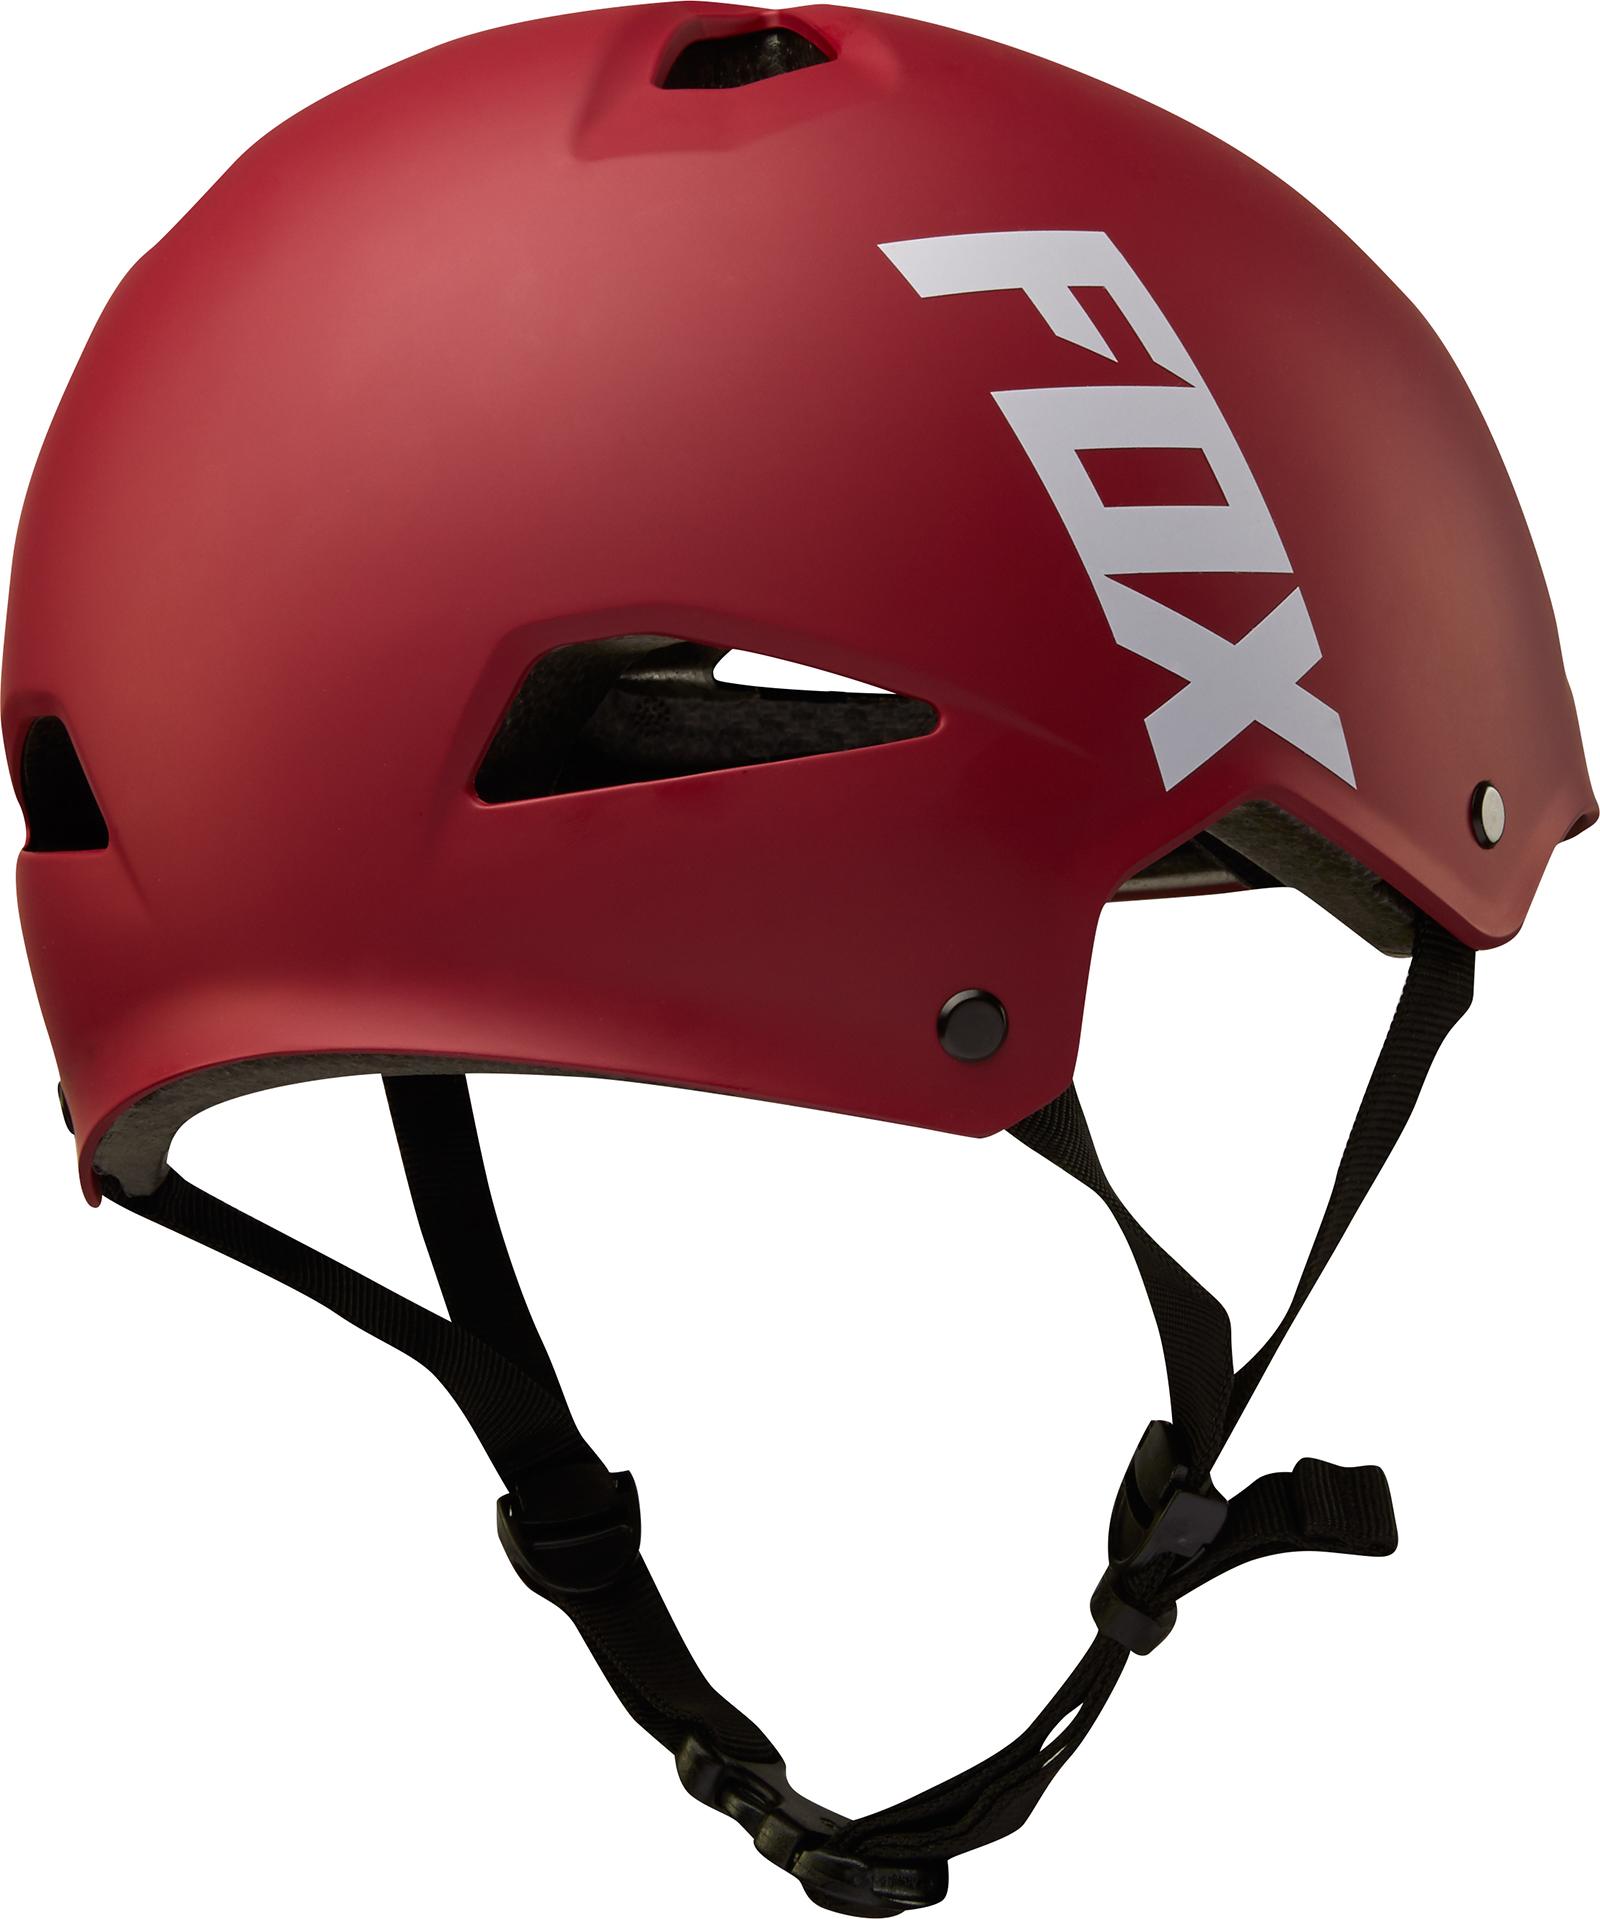 Fox-Head-Flight-Sport-Trail-Bike-Dirt-Jump-Adult-Protective-Helmet thumbnail 14